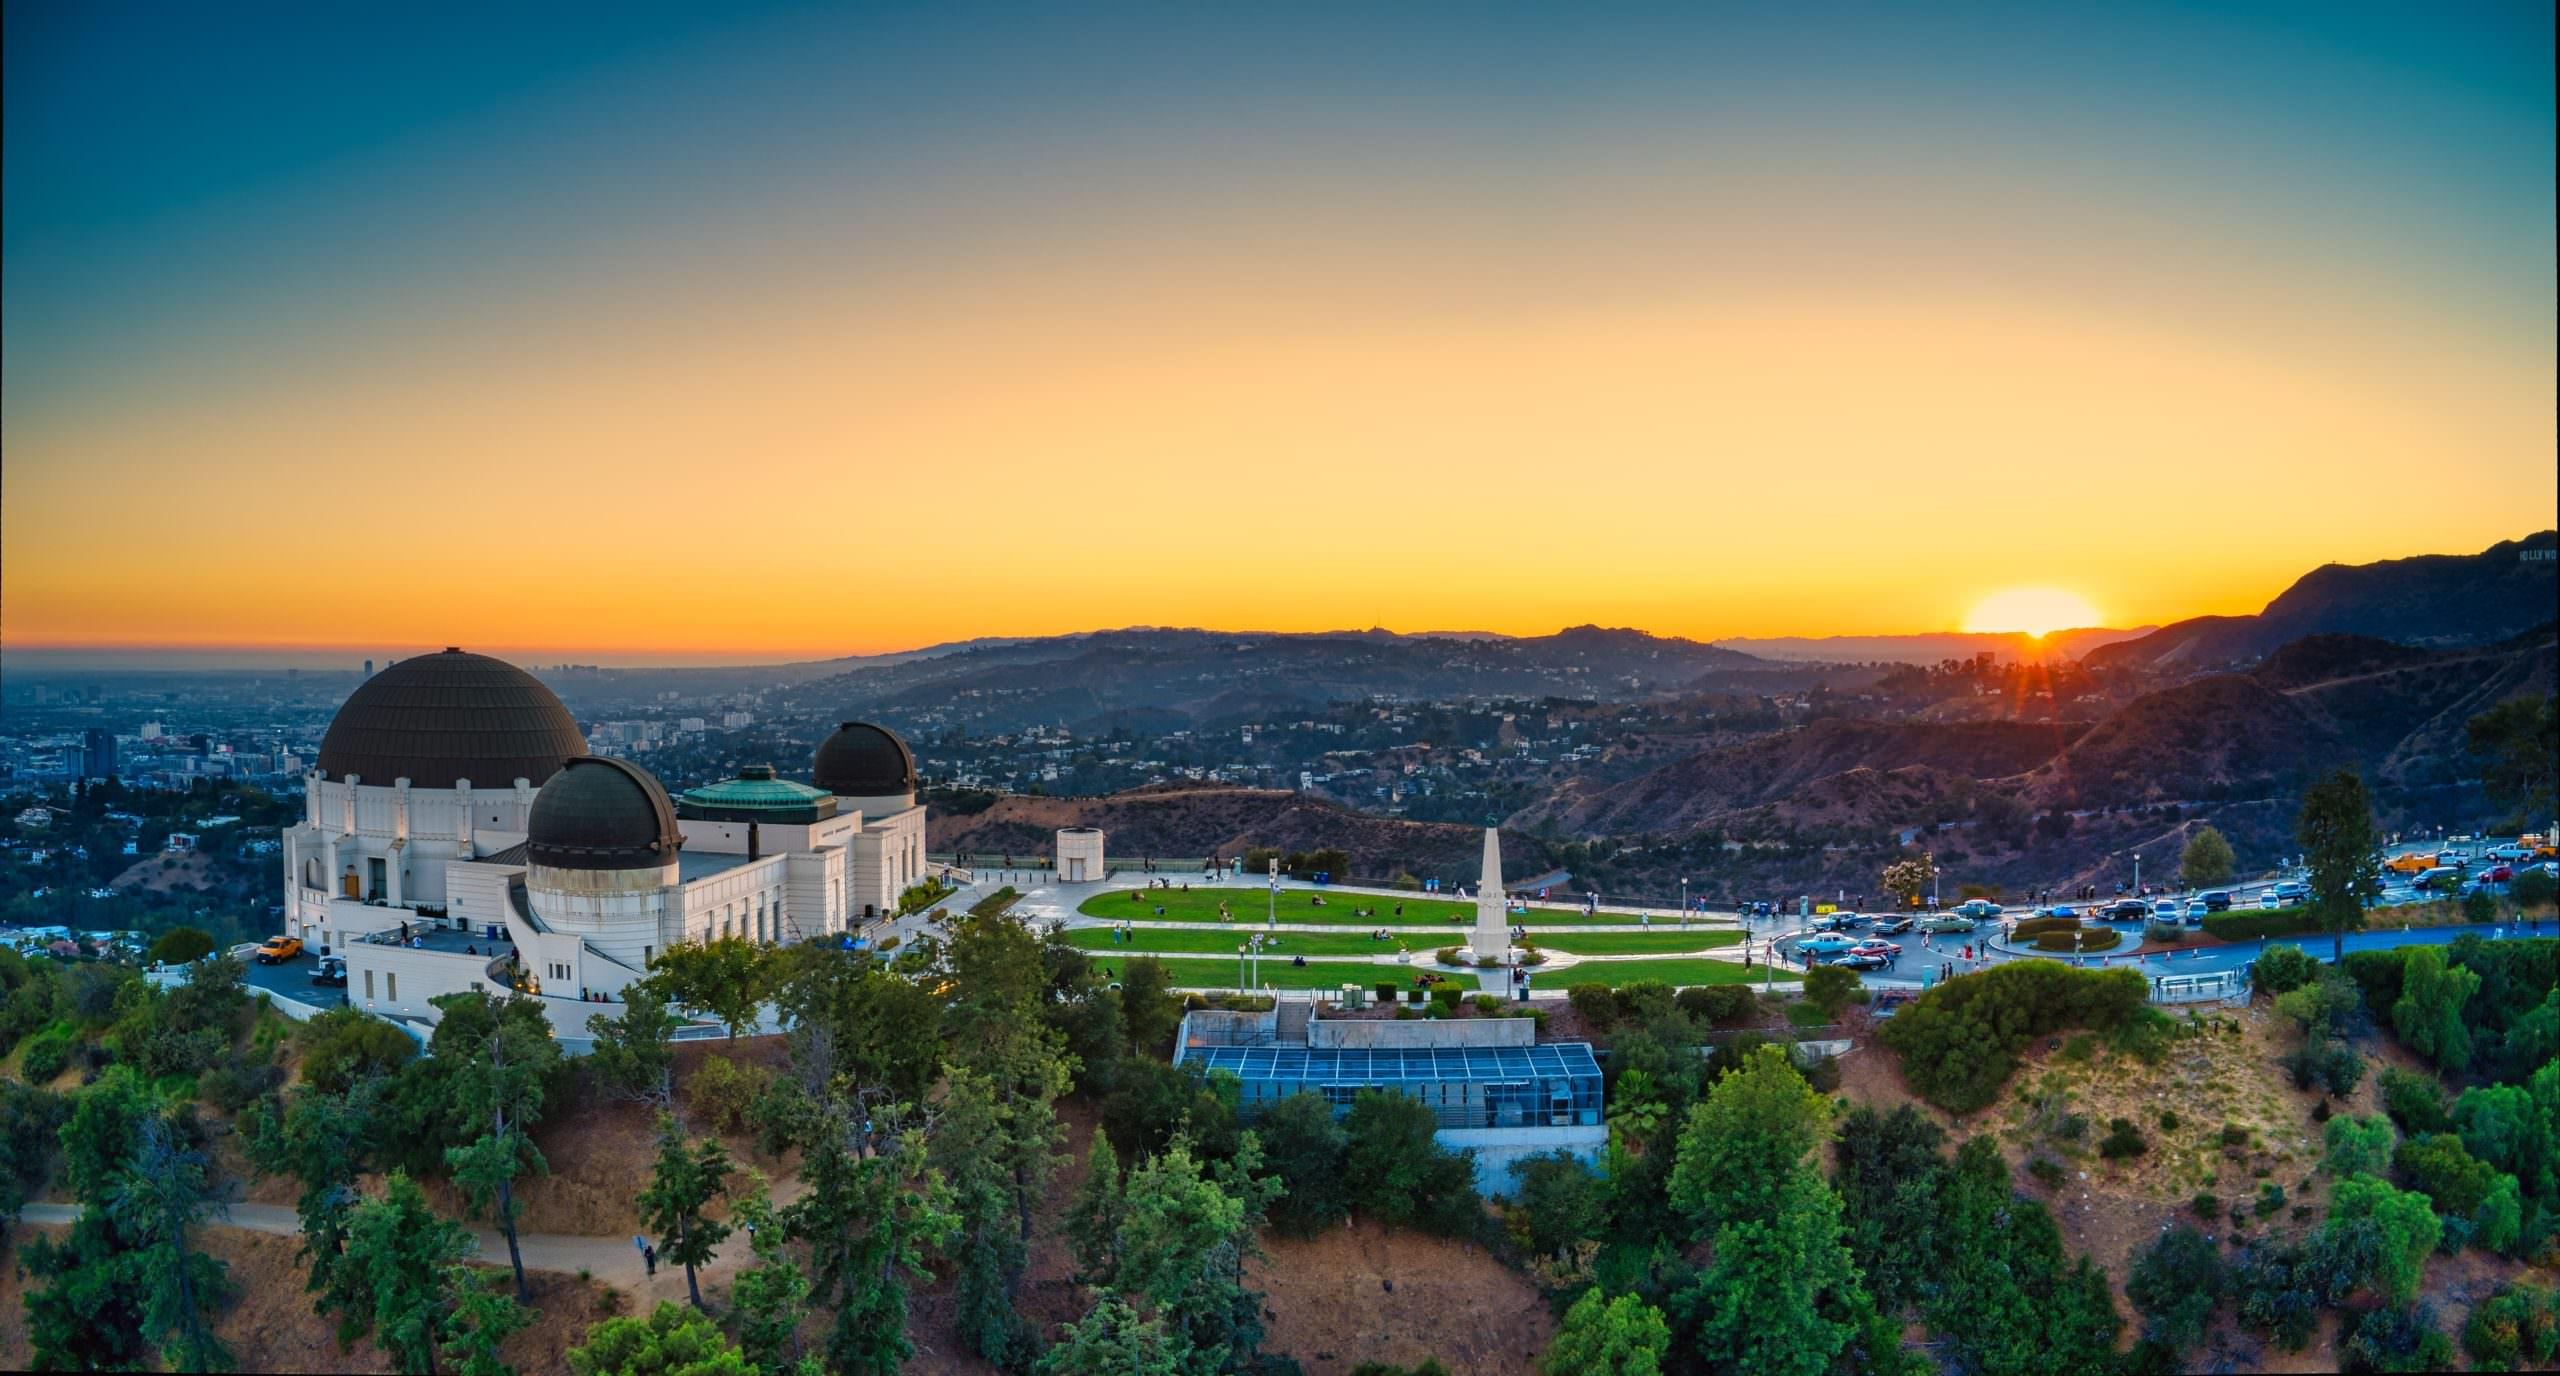 أفضل مناطق الجذب السياحي في لوس أنجلوس ، أمريكا